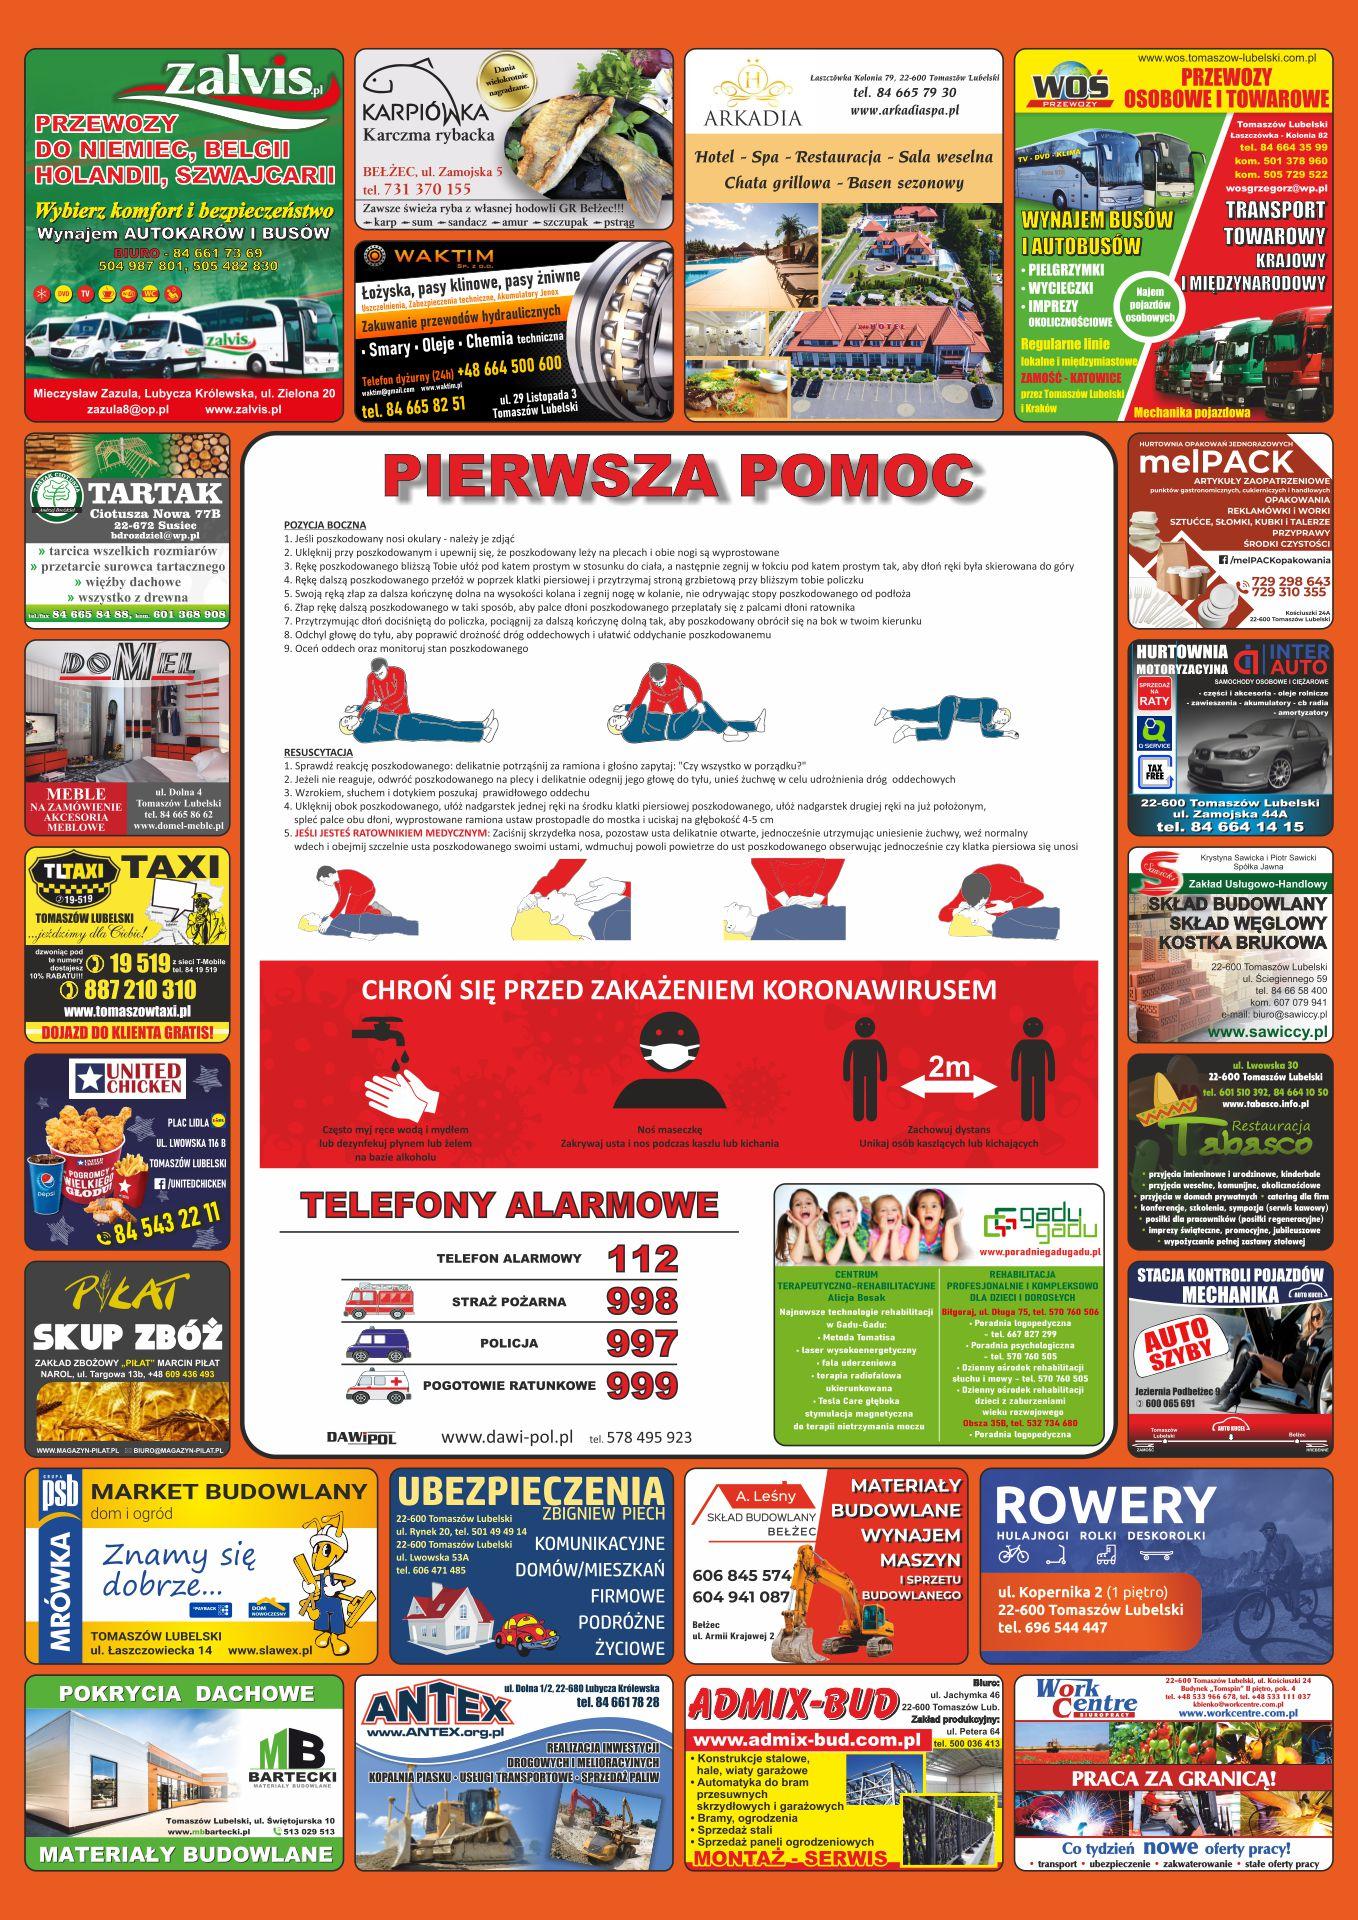 plakaty tomaszów lubelski